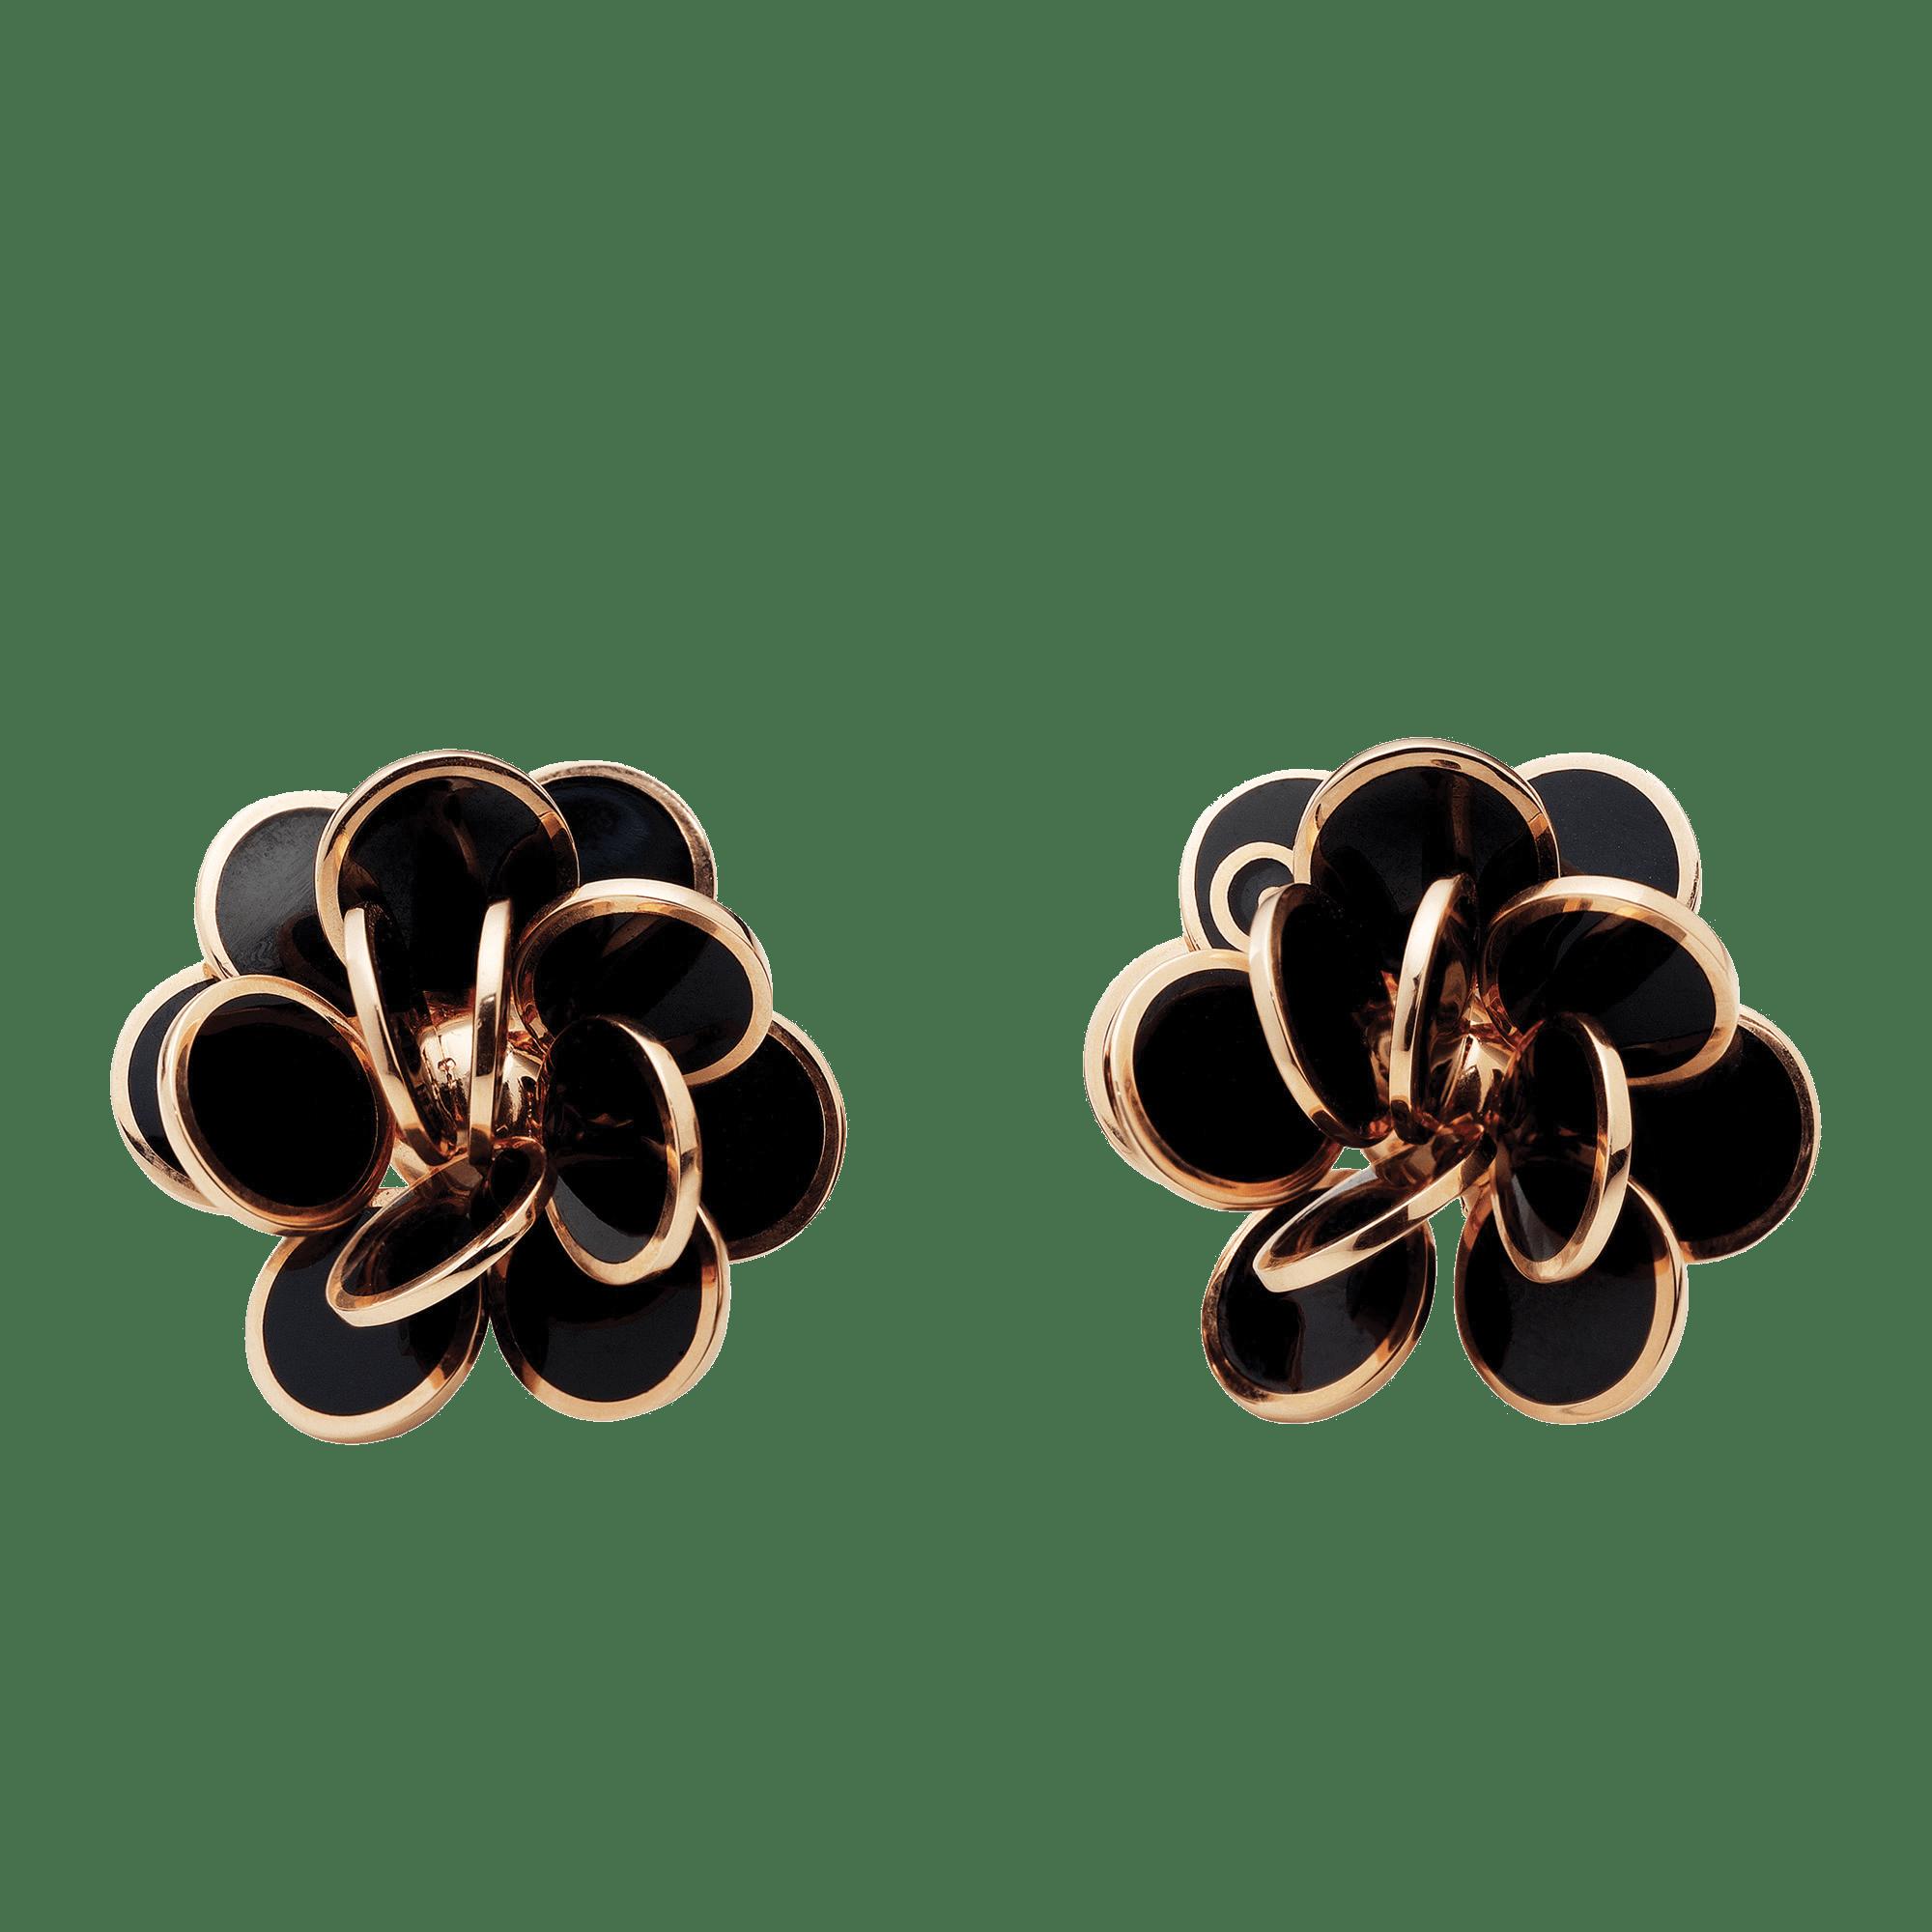 Orecchini Chantecler oro rosa smalto nero